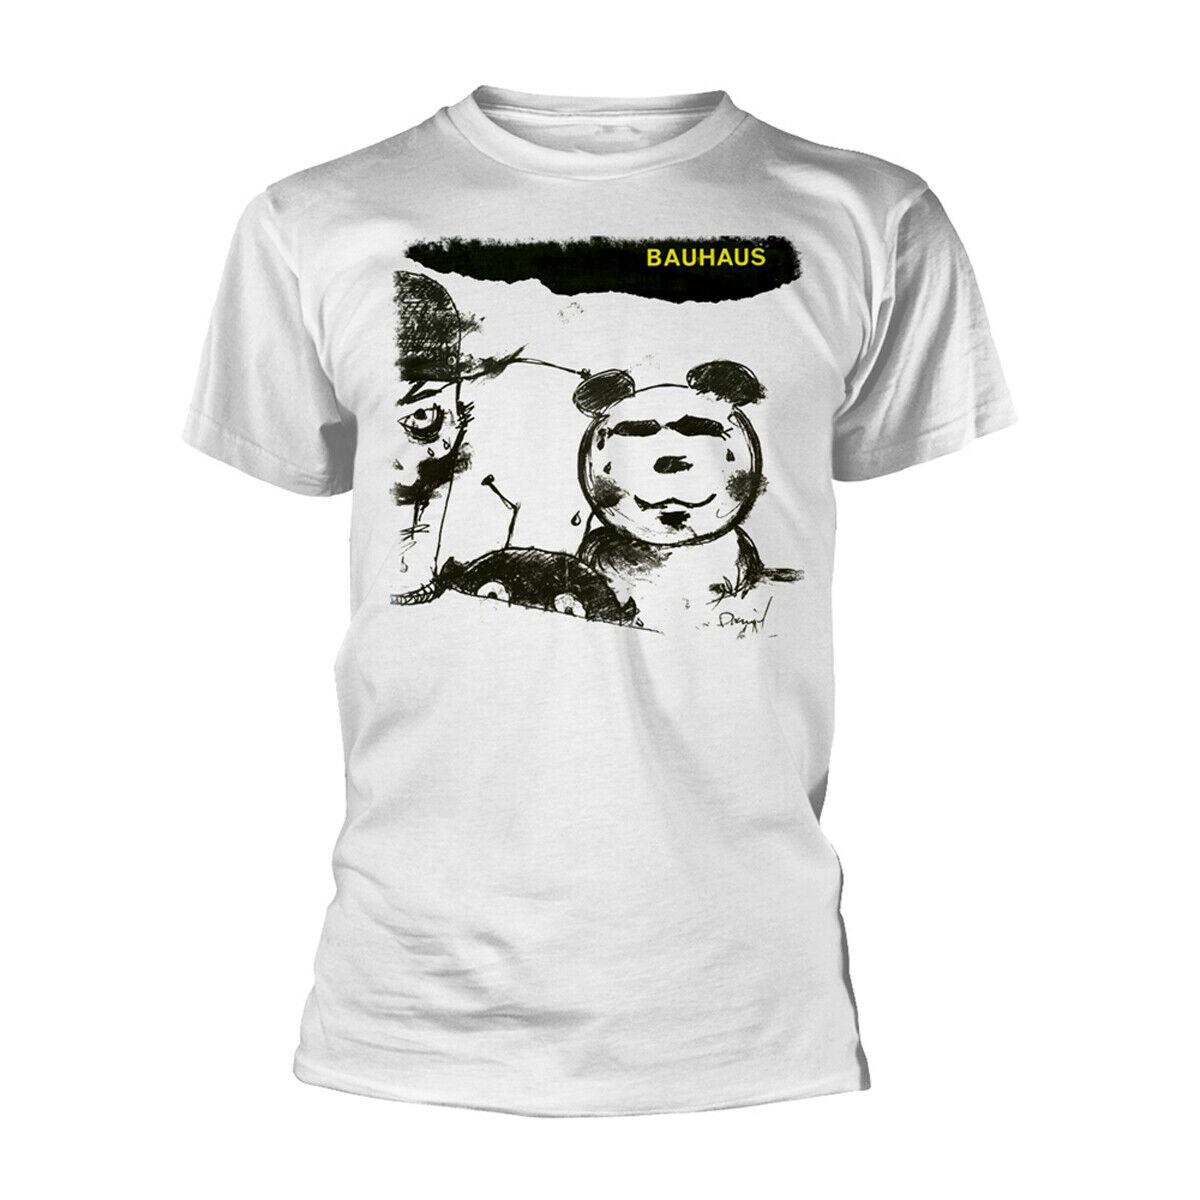 Camiseta oficial para hombre con máscara Bauhaus blanca Unisex